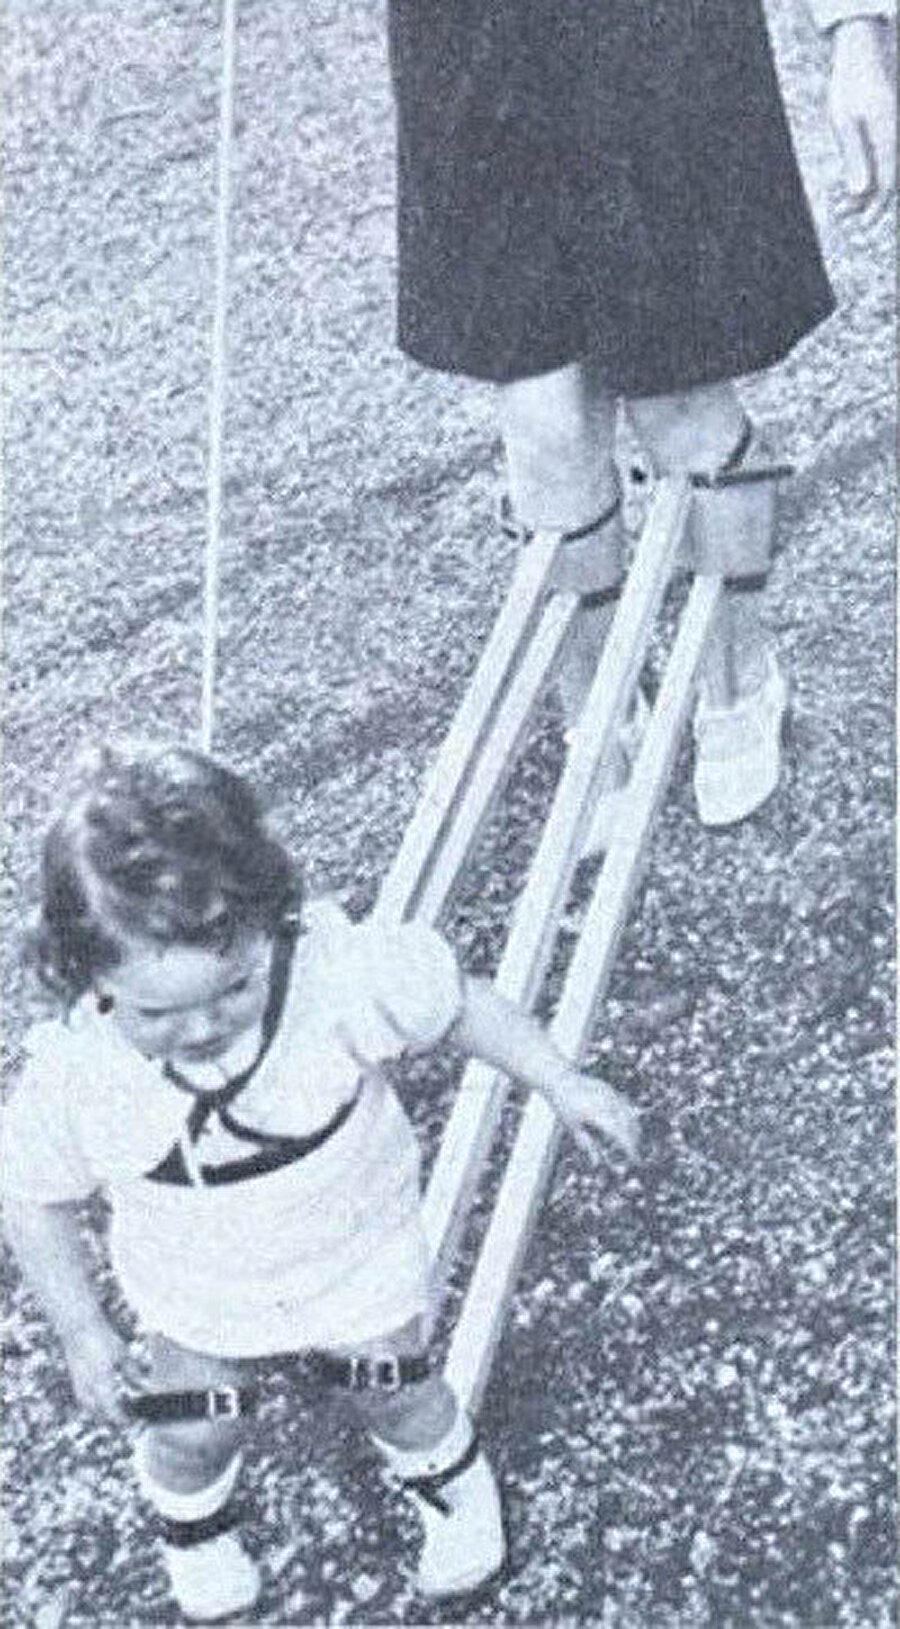 Çocuklara yürümeyi öğretmek için bir cihaz